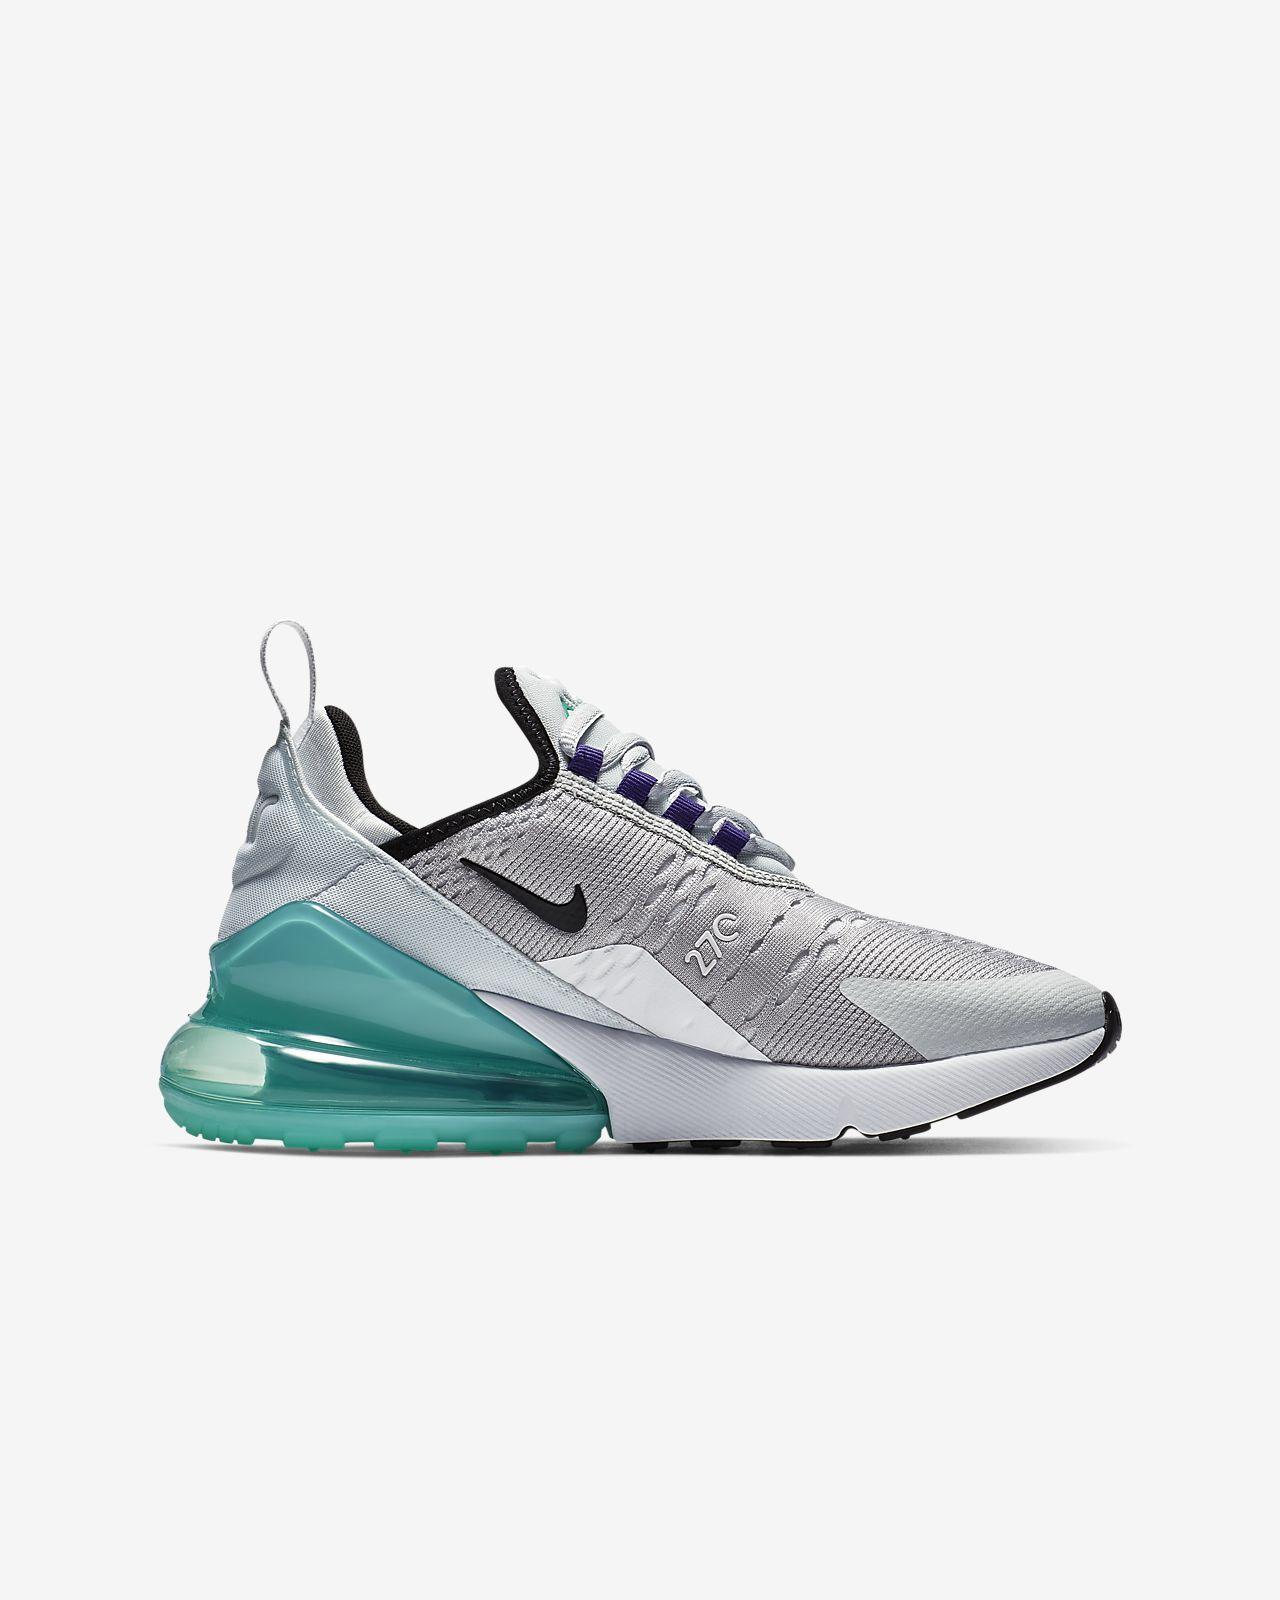 buy online 04497 8dba4 ... Chaussure Nike Air Max 270 pour Enfant plus âgé